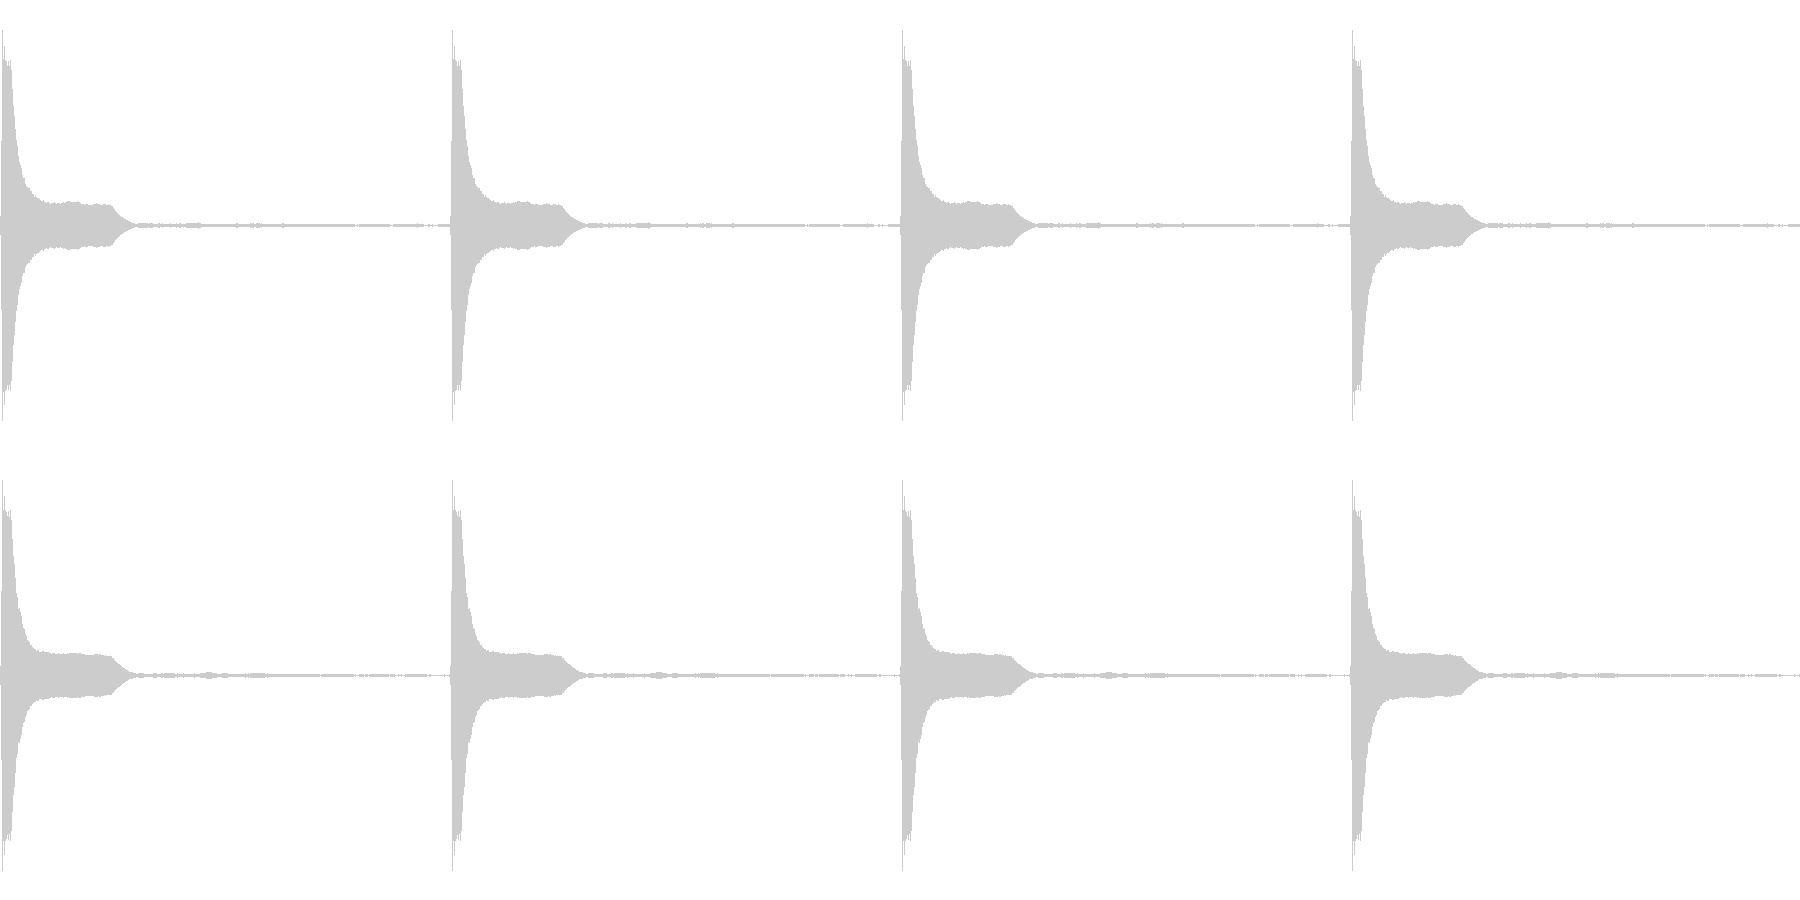 Count カウントダウン ループ 3の未再生の波形